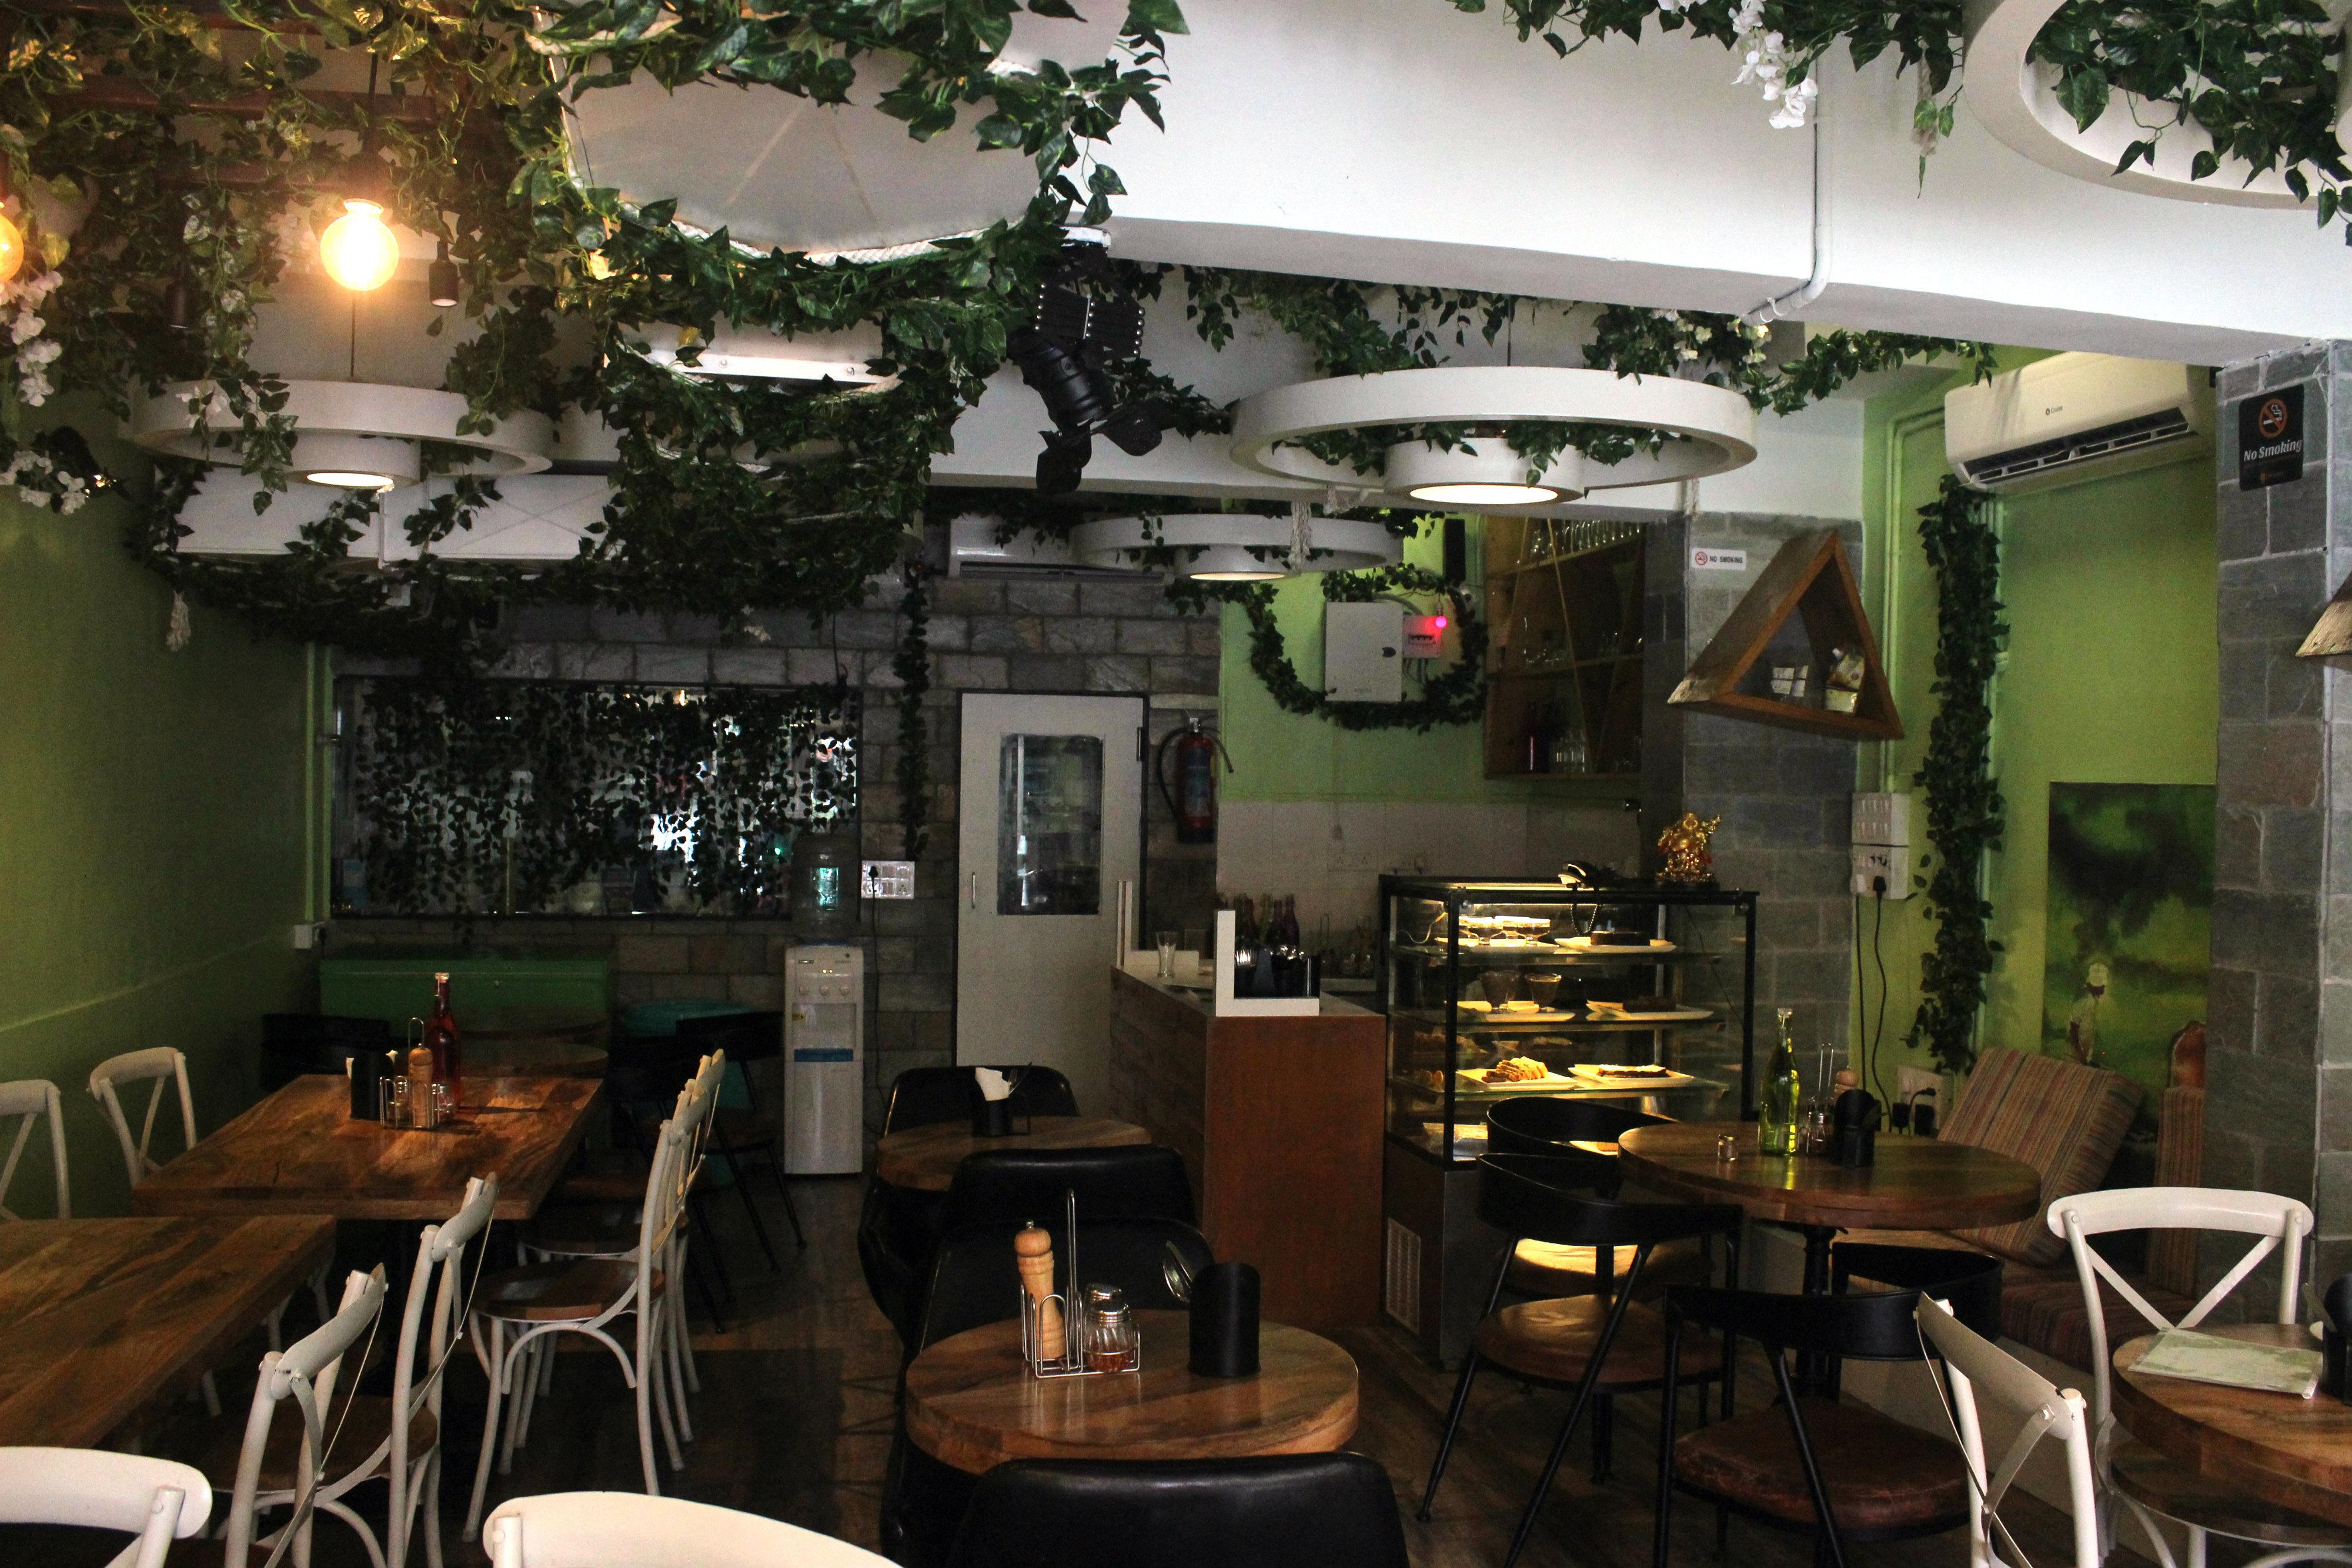 Green Village Cafe - Oshiwara - Andheri West - Mumbai Image